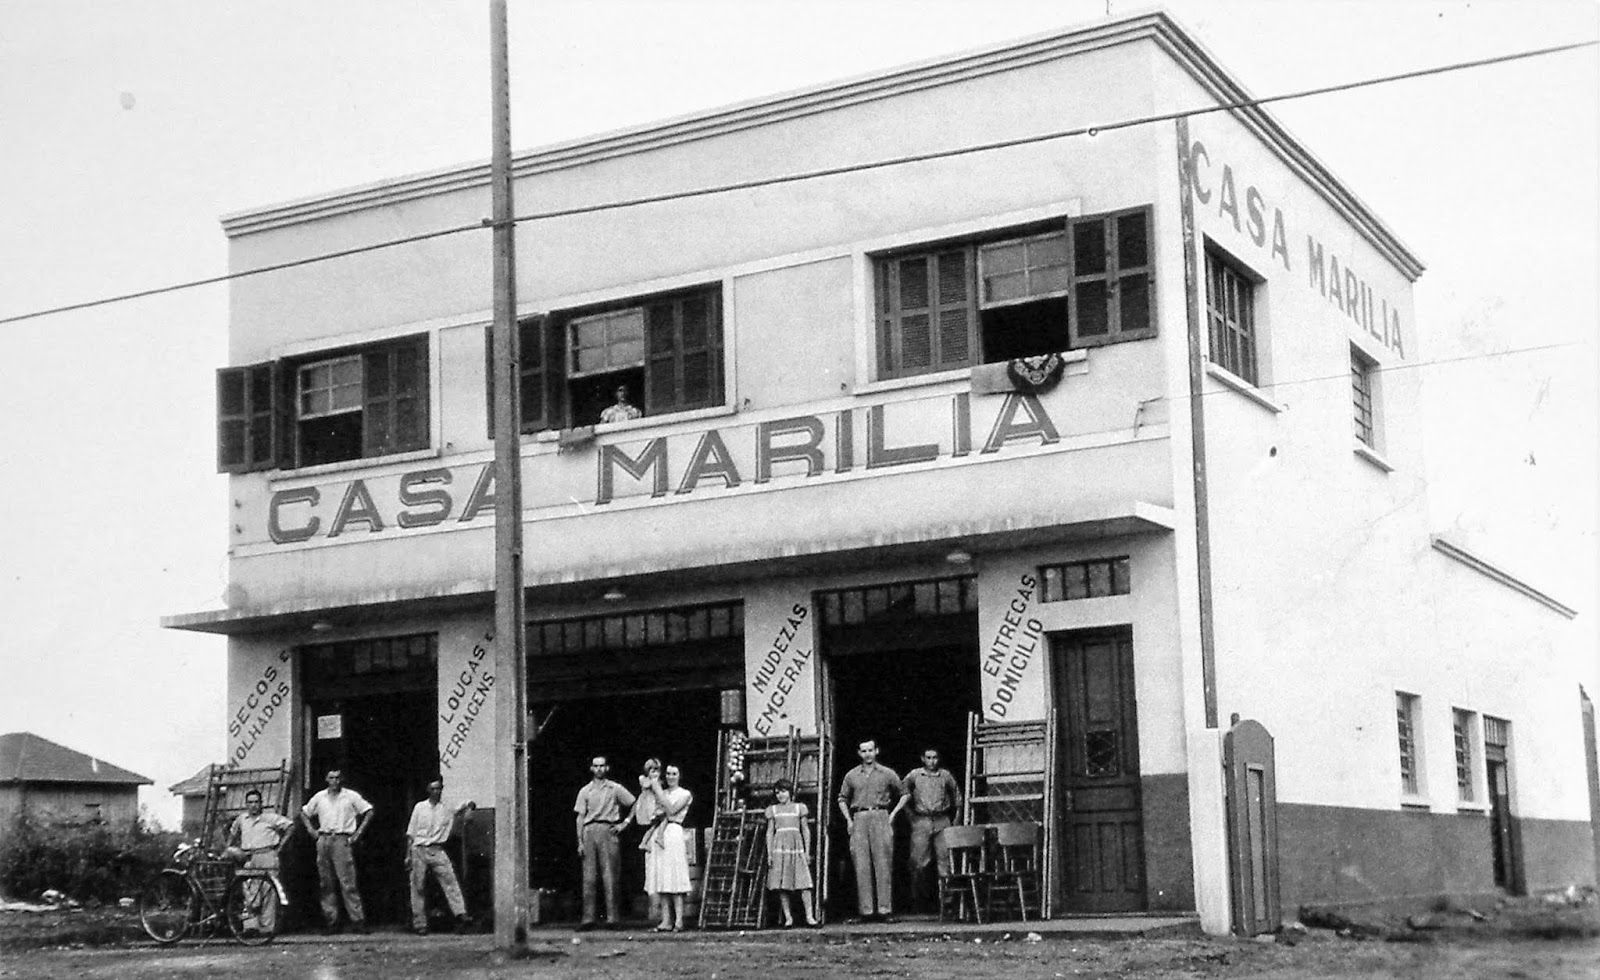 Casa Marília - Década de 1950